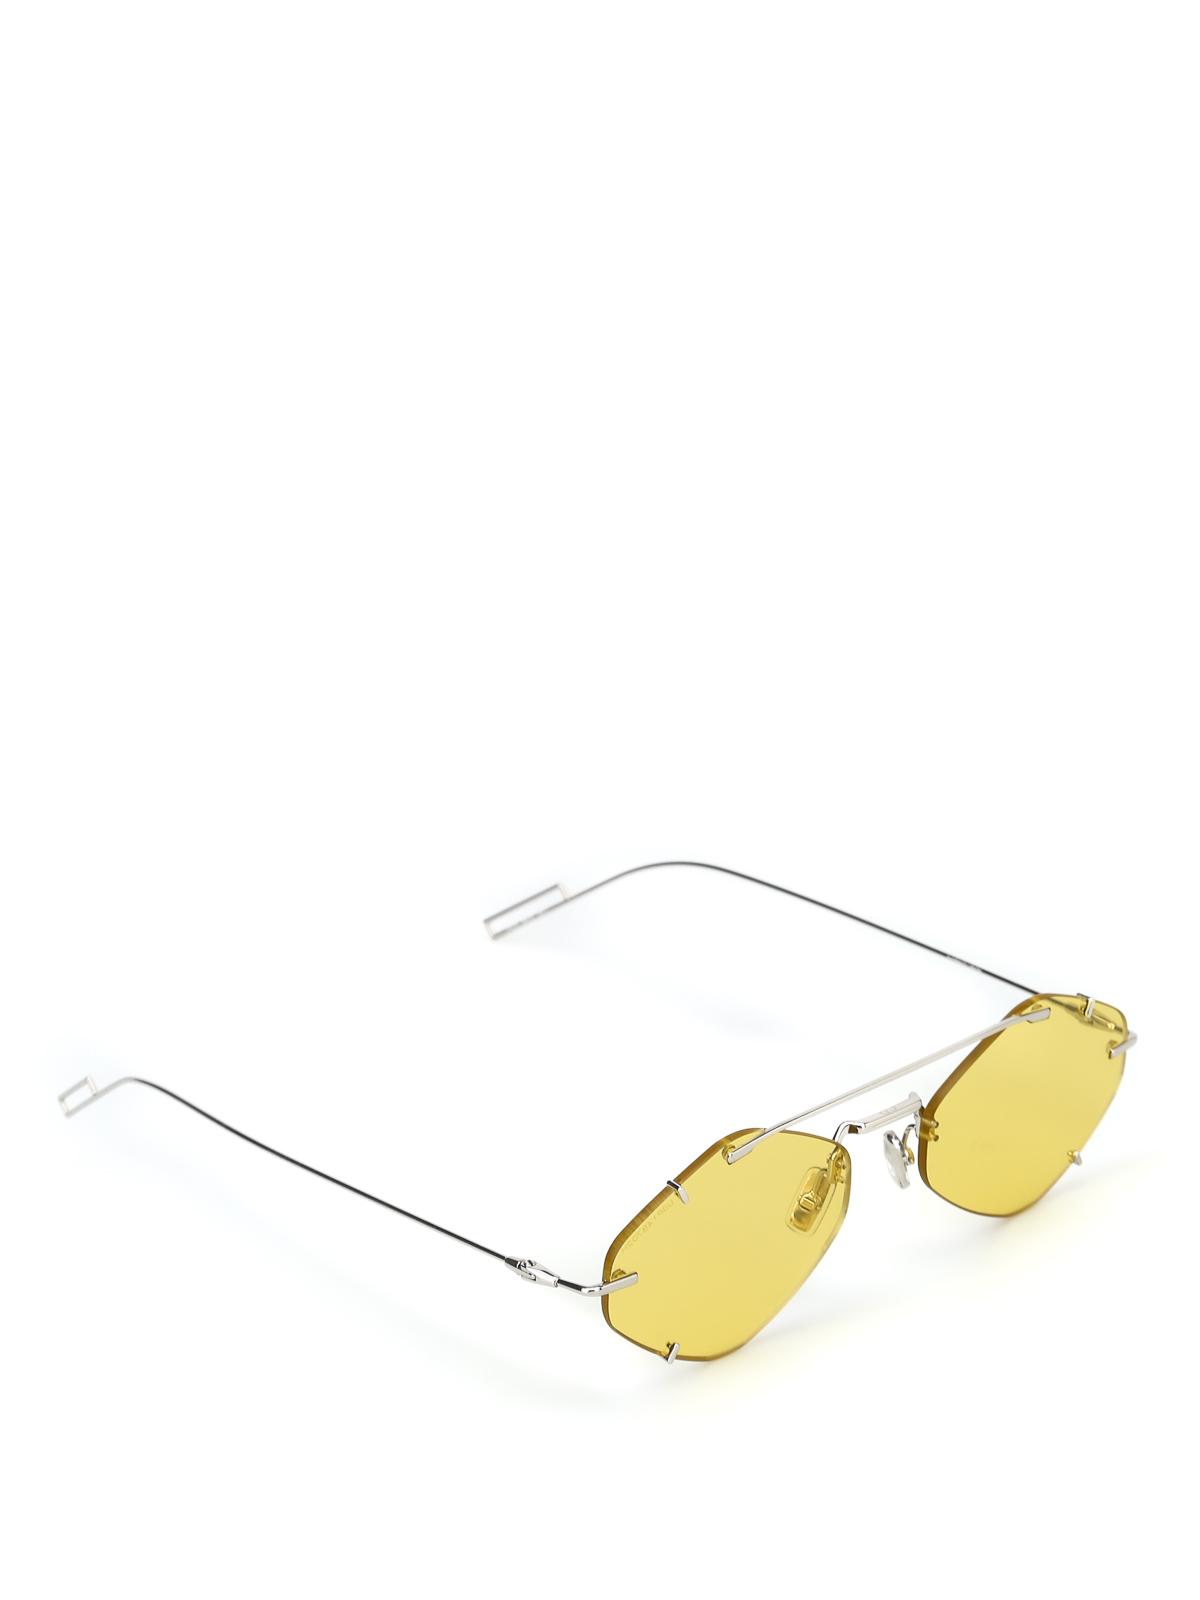 4451bf694310 Dior - DiorInclusion sunglasses - sunglasses - DIORINCLUSION010J9